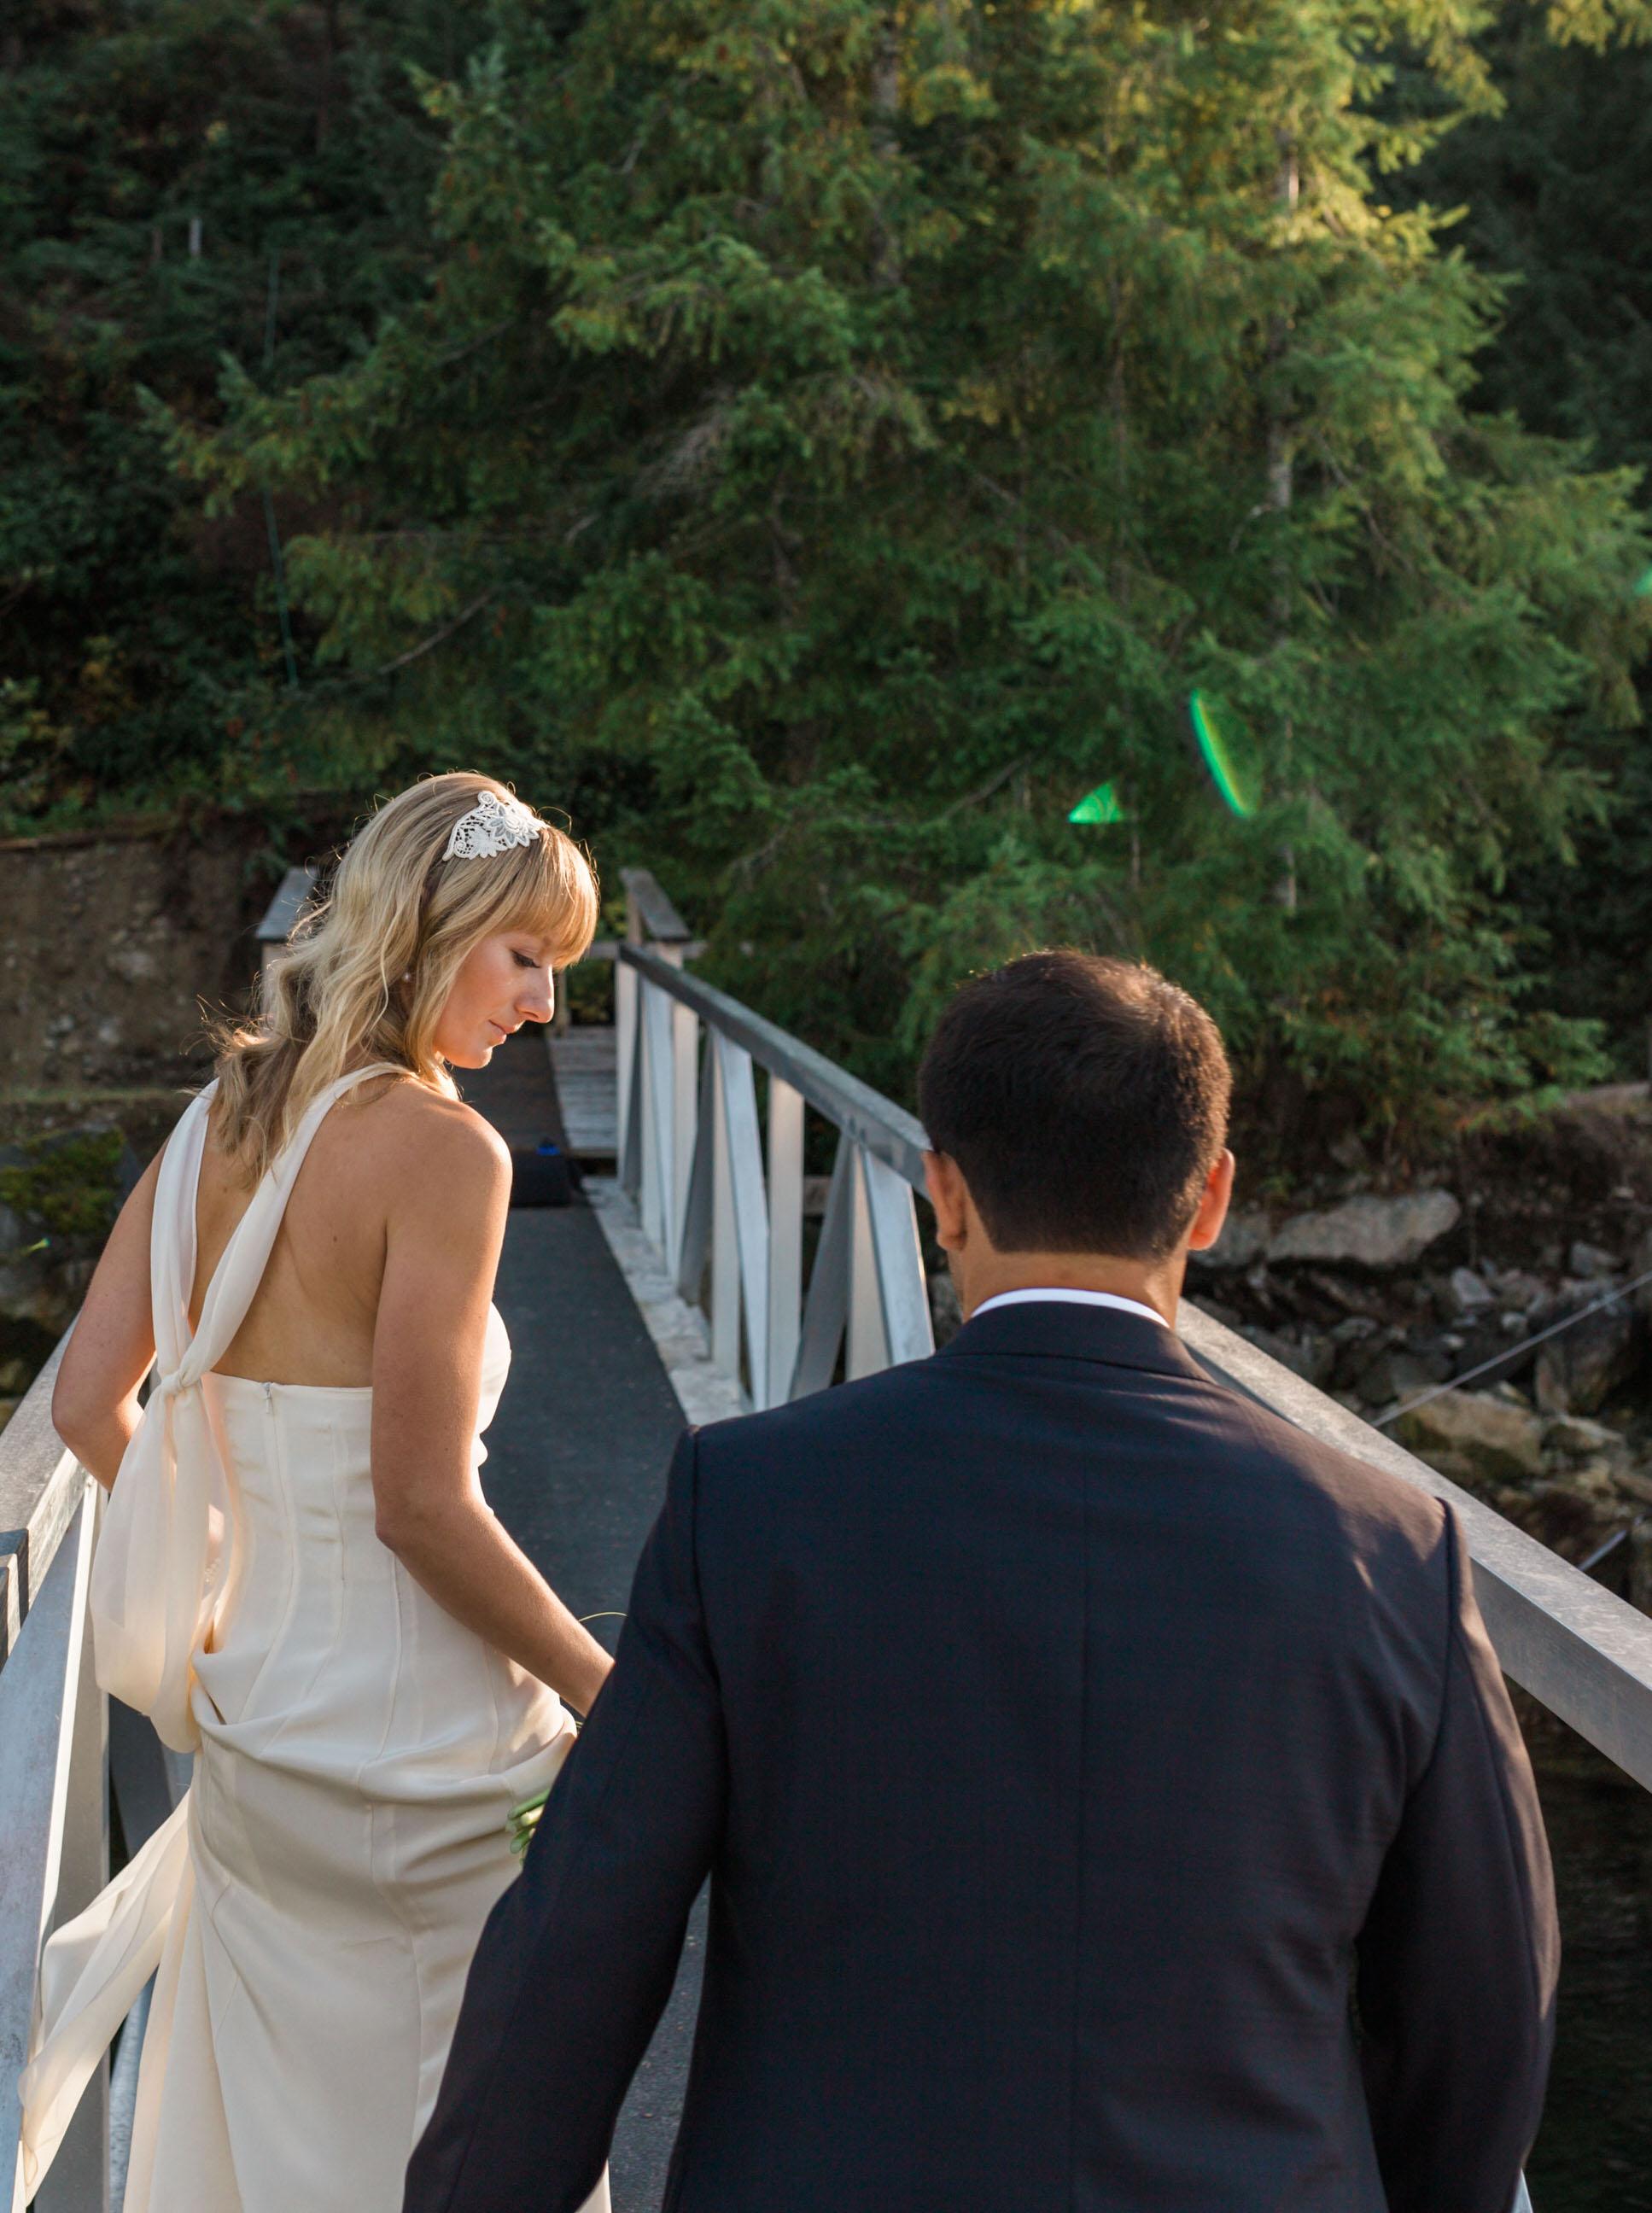 Sunshine Coast Wedding Photographer - Vancouver Wedding Photographer - West Coast Wilderness Lodge Wedding - Jennifer Picard Photography - IMG_8132.jpg